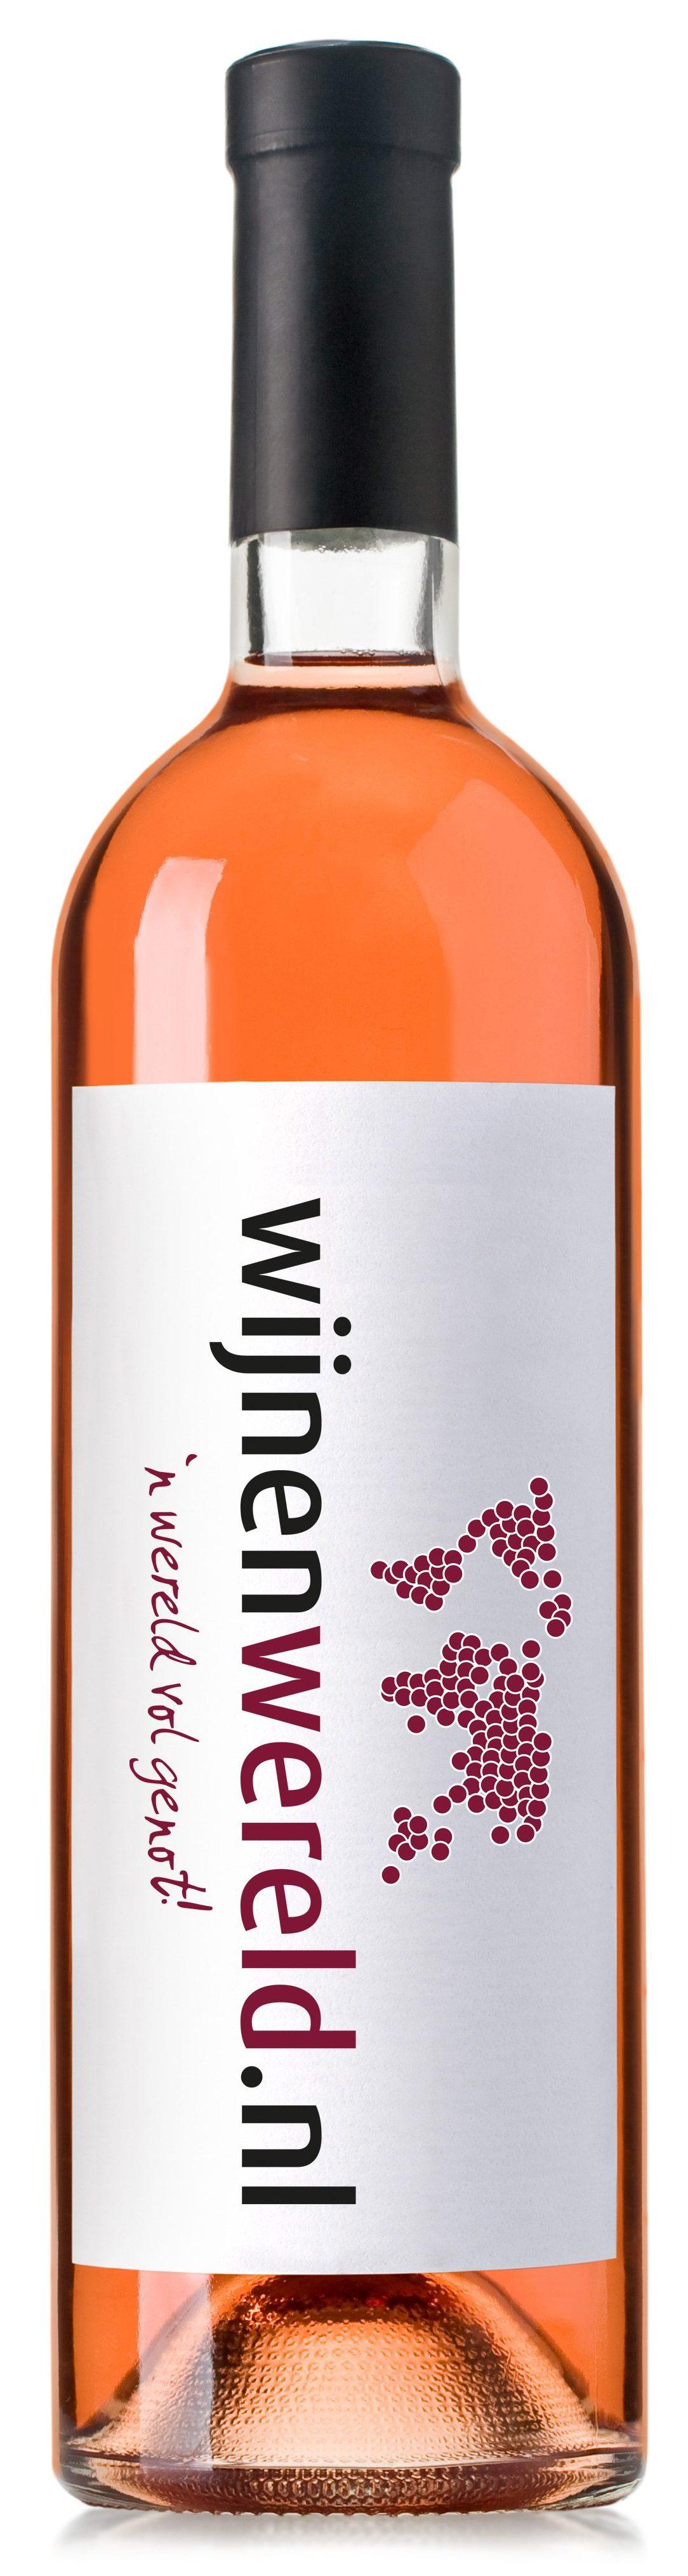 Geen afbeelding rose wijn